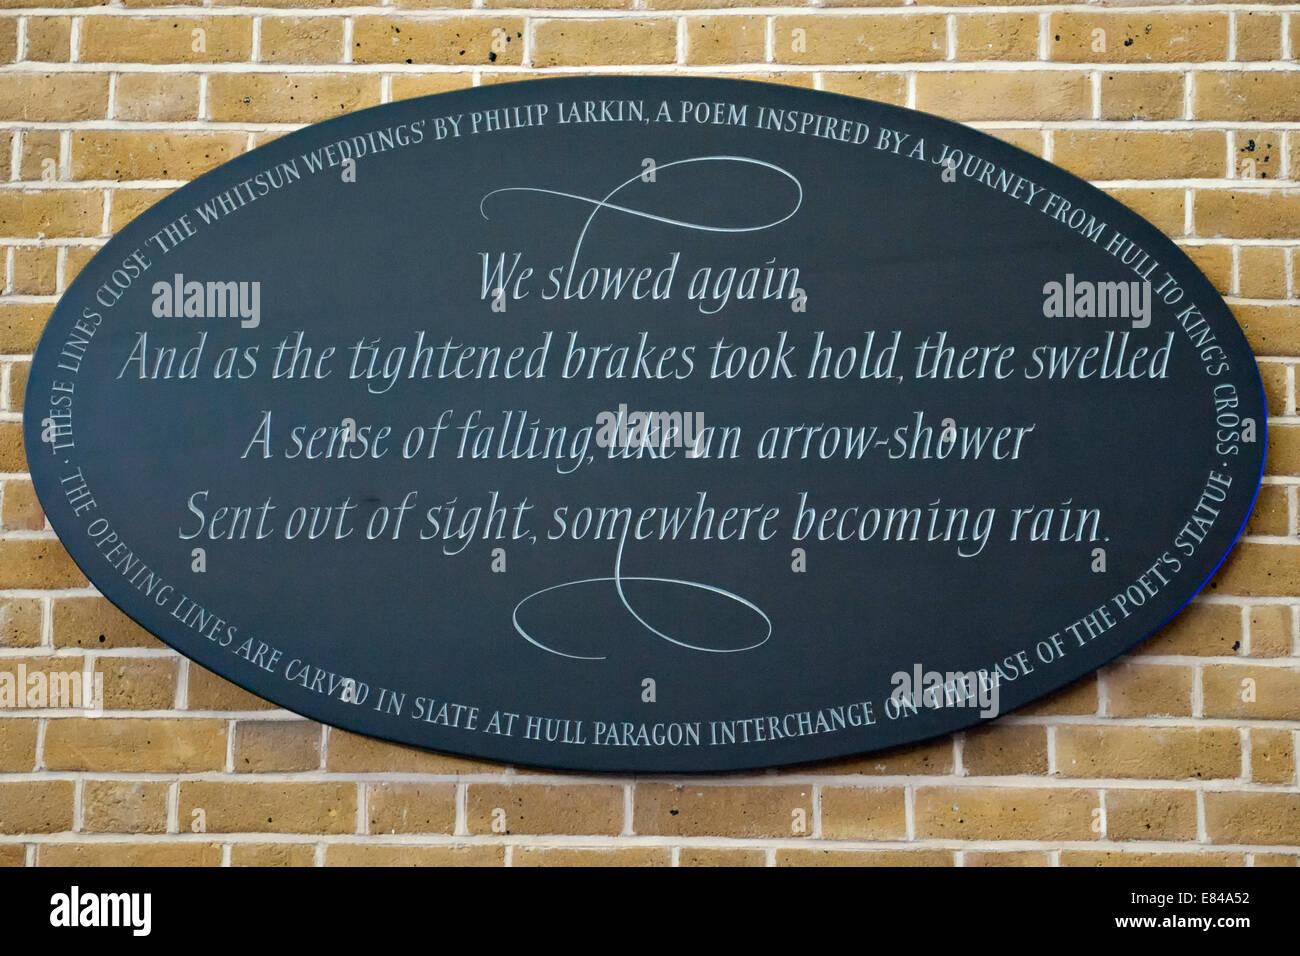 L'Ardoise de King's Cross Ellipse avec des mots du verset final de Philip Larkin's 'le Whitsun Weddings. Photo Stock